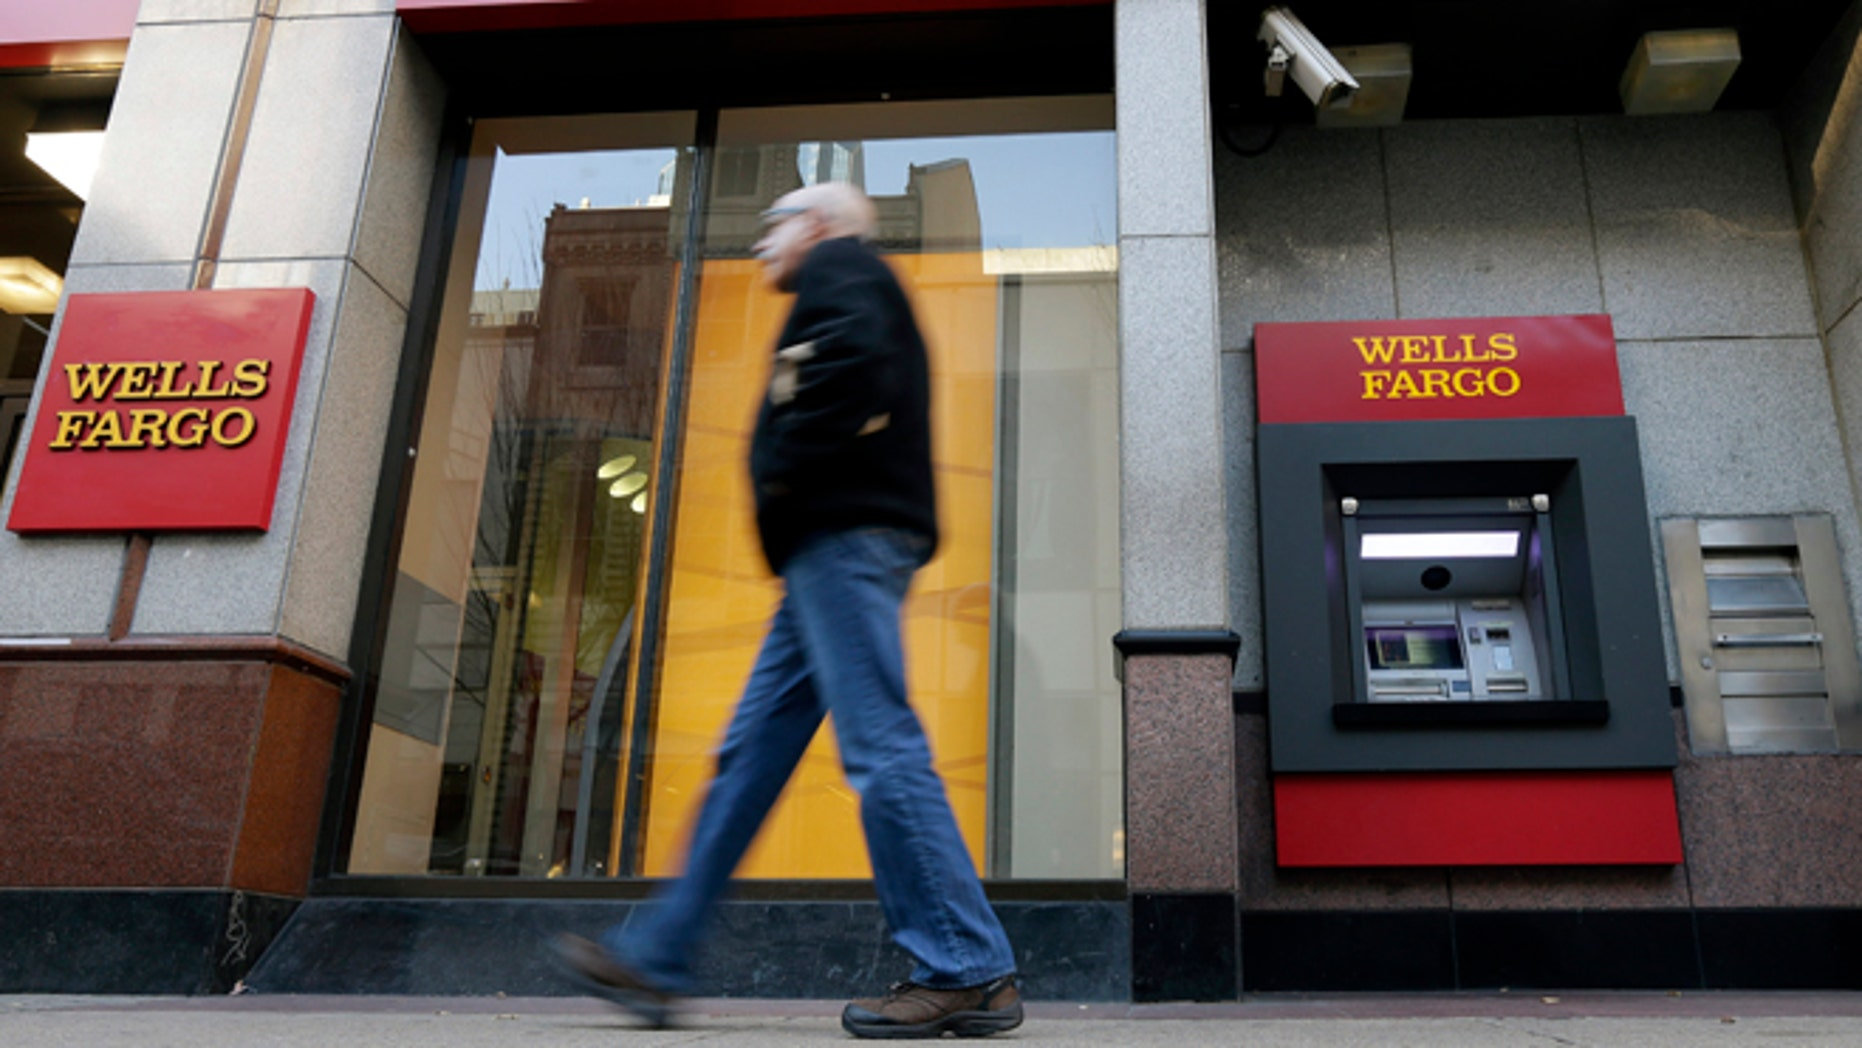 Dec. 19, 2012: A man walks past a Wells Fargo branch in Philadelphia.